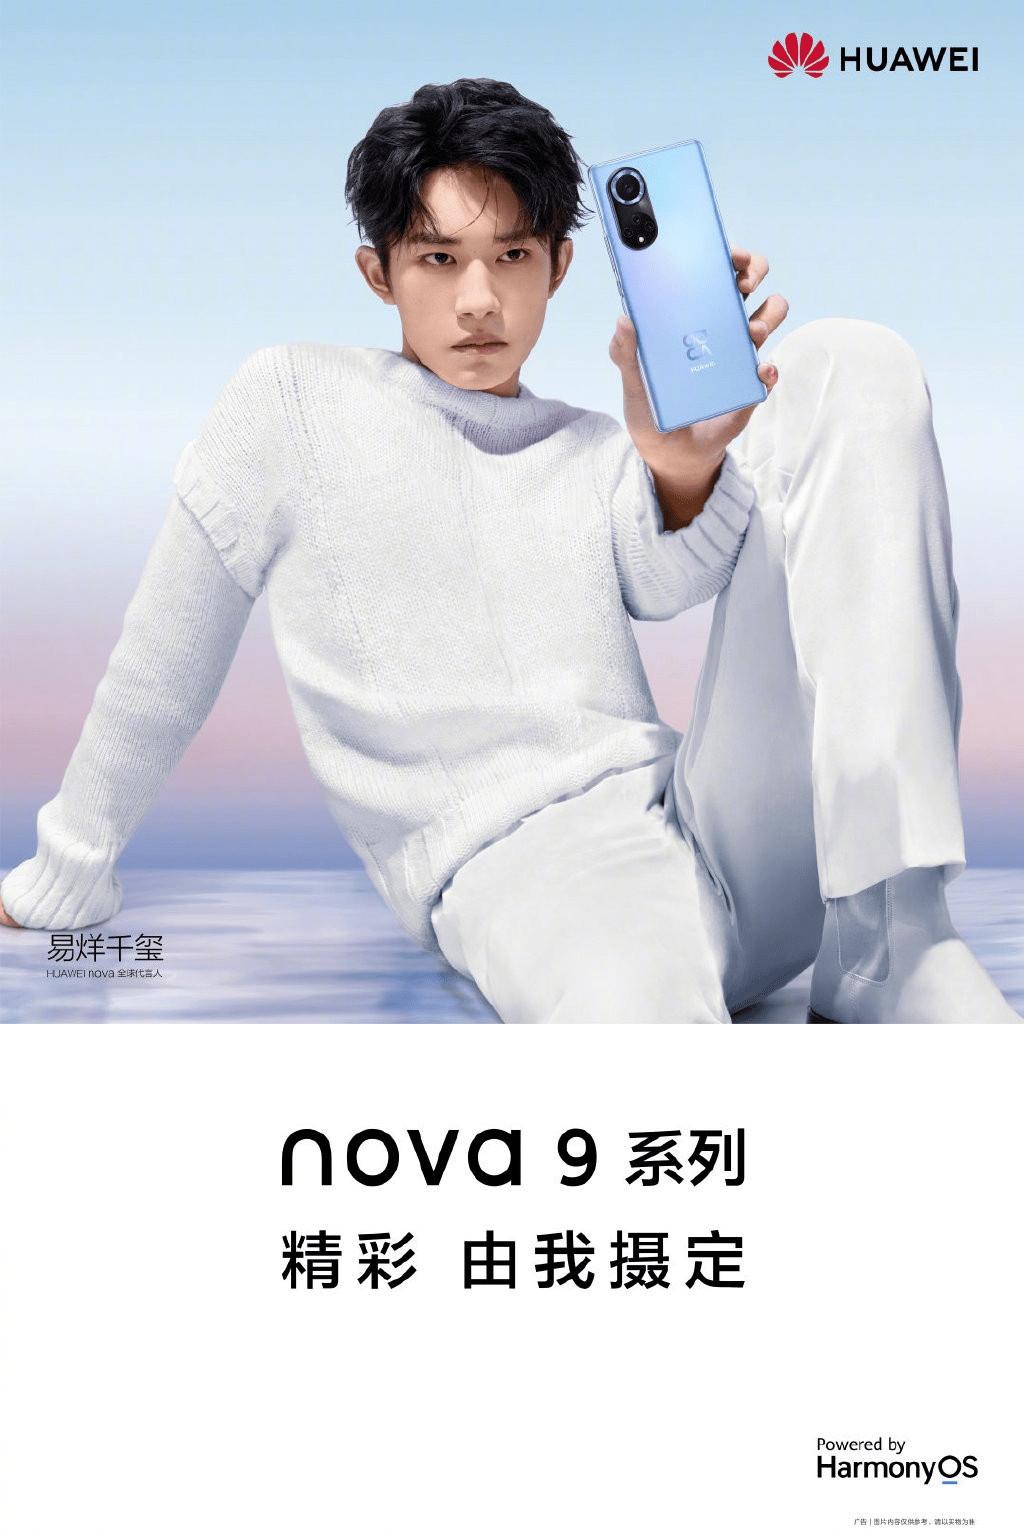 华为 久等了!华为nova 9系列23日发布,骁龙778G加持